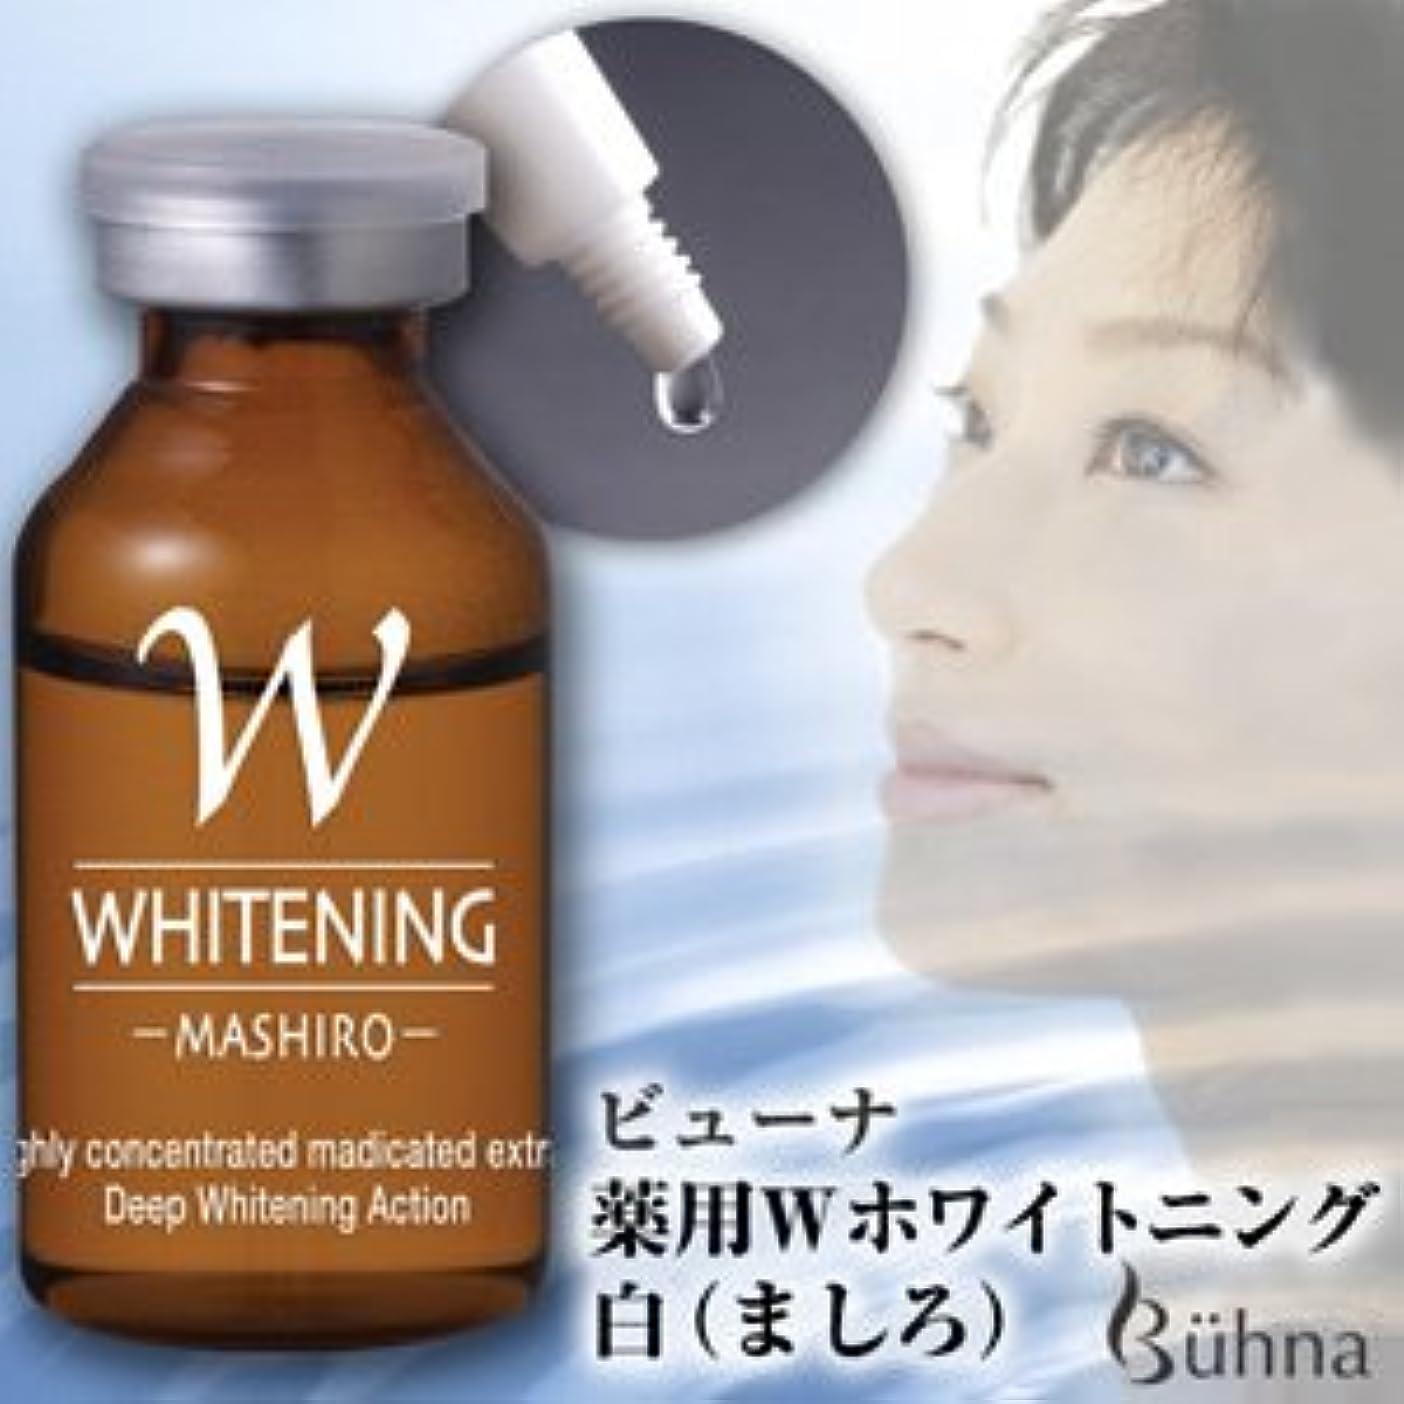 日常的にヘビーたぶん超高濃度!W原液がシミを断つ、翌朝の肌で感じる美肌力『薬用ダブルホワイトニング白(ましろ)』